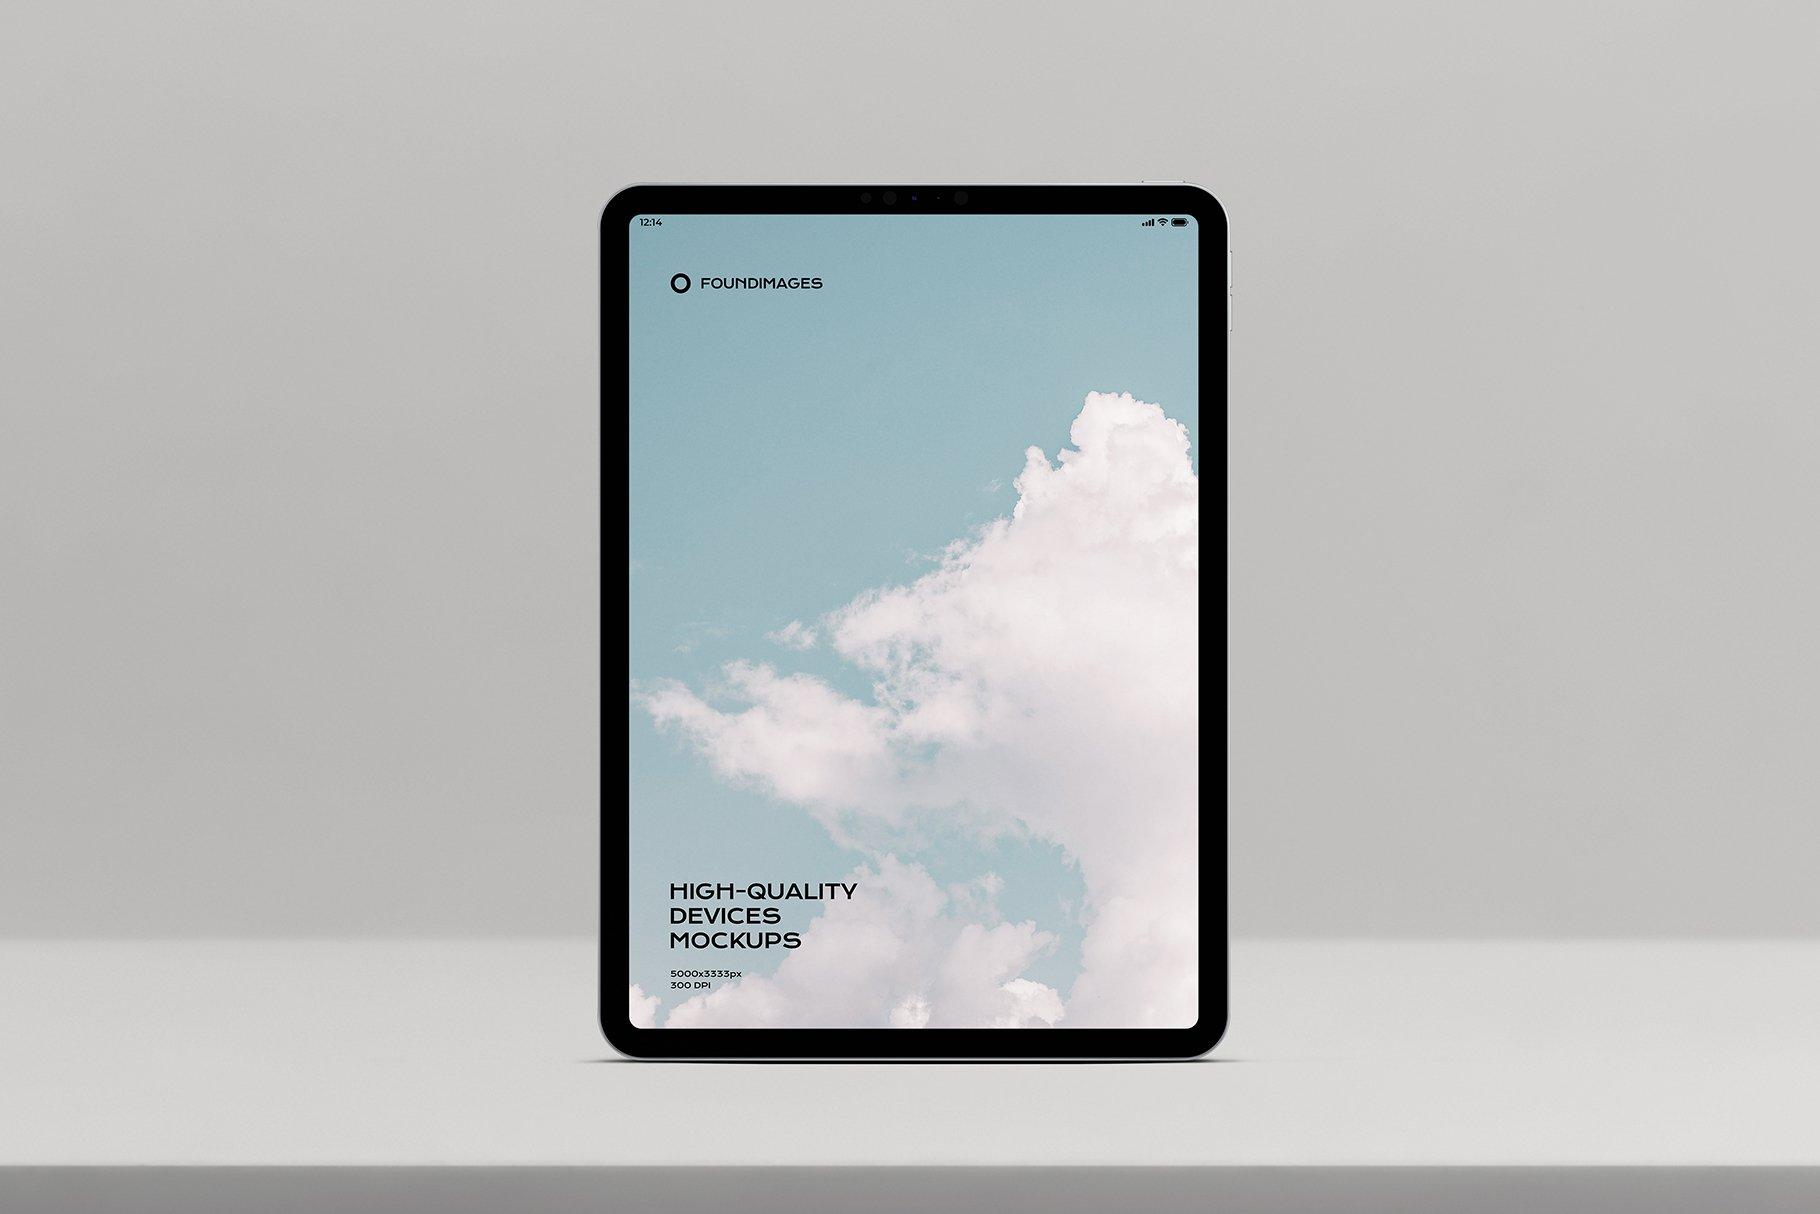 苹果系列设备多屏幕展示样机素材-正视图插图(4)